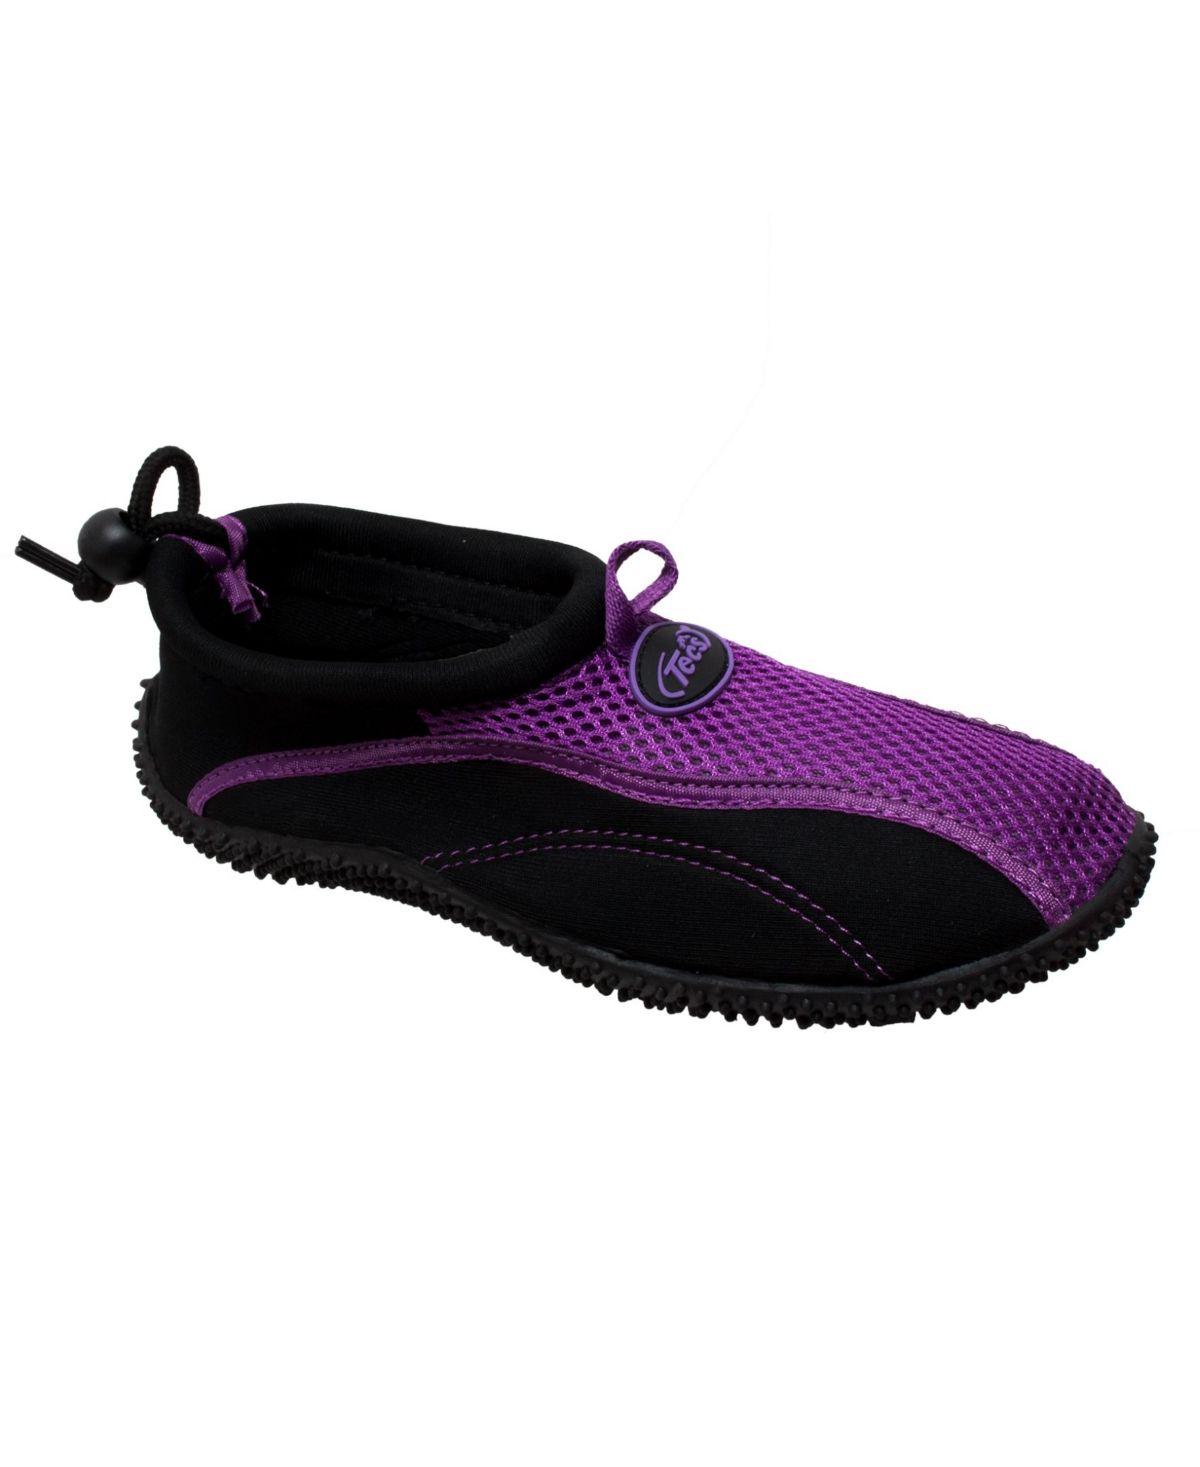 Tecs Mens Aquasock Water Shoe